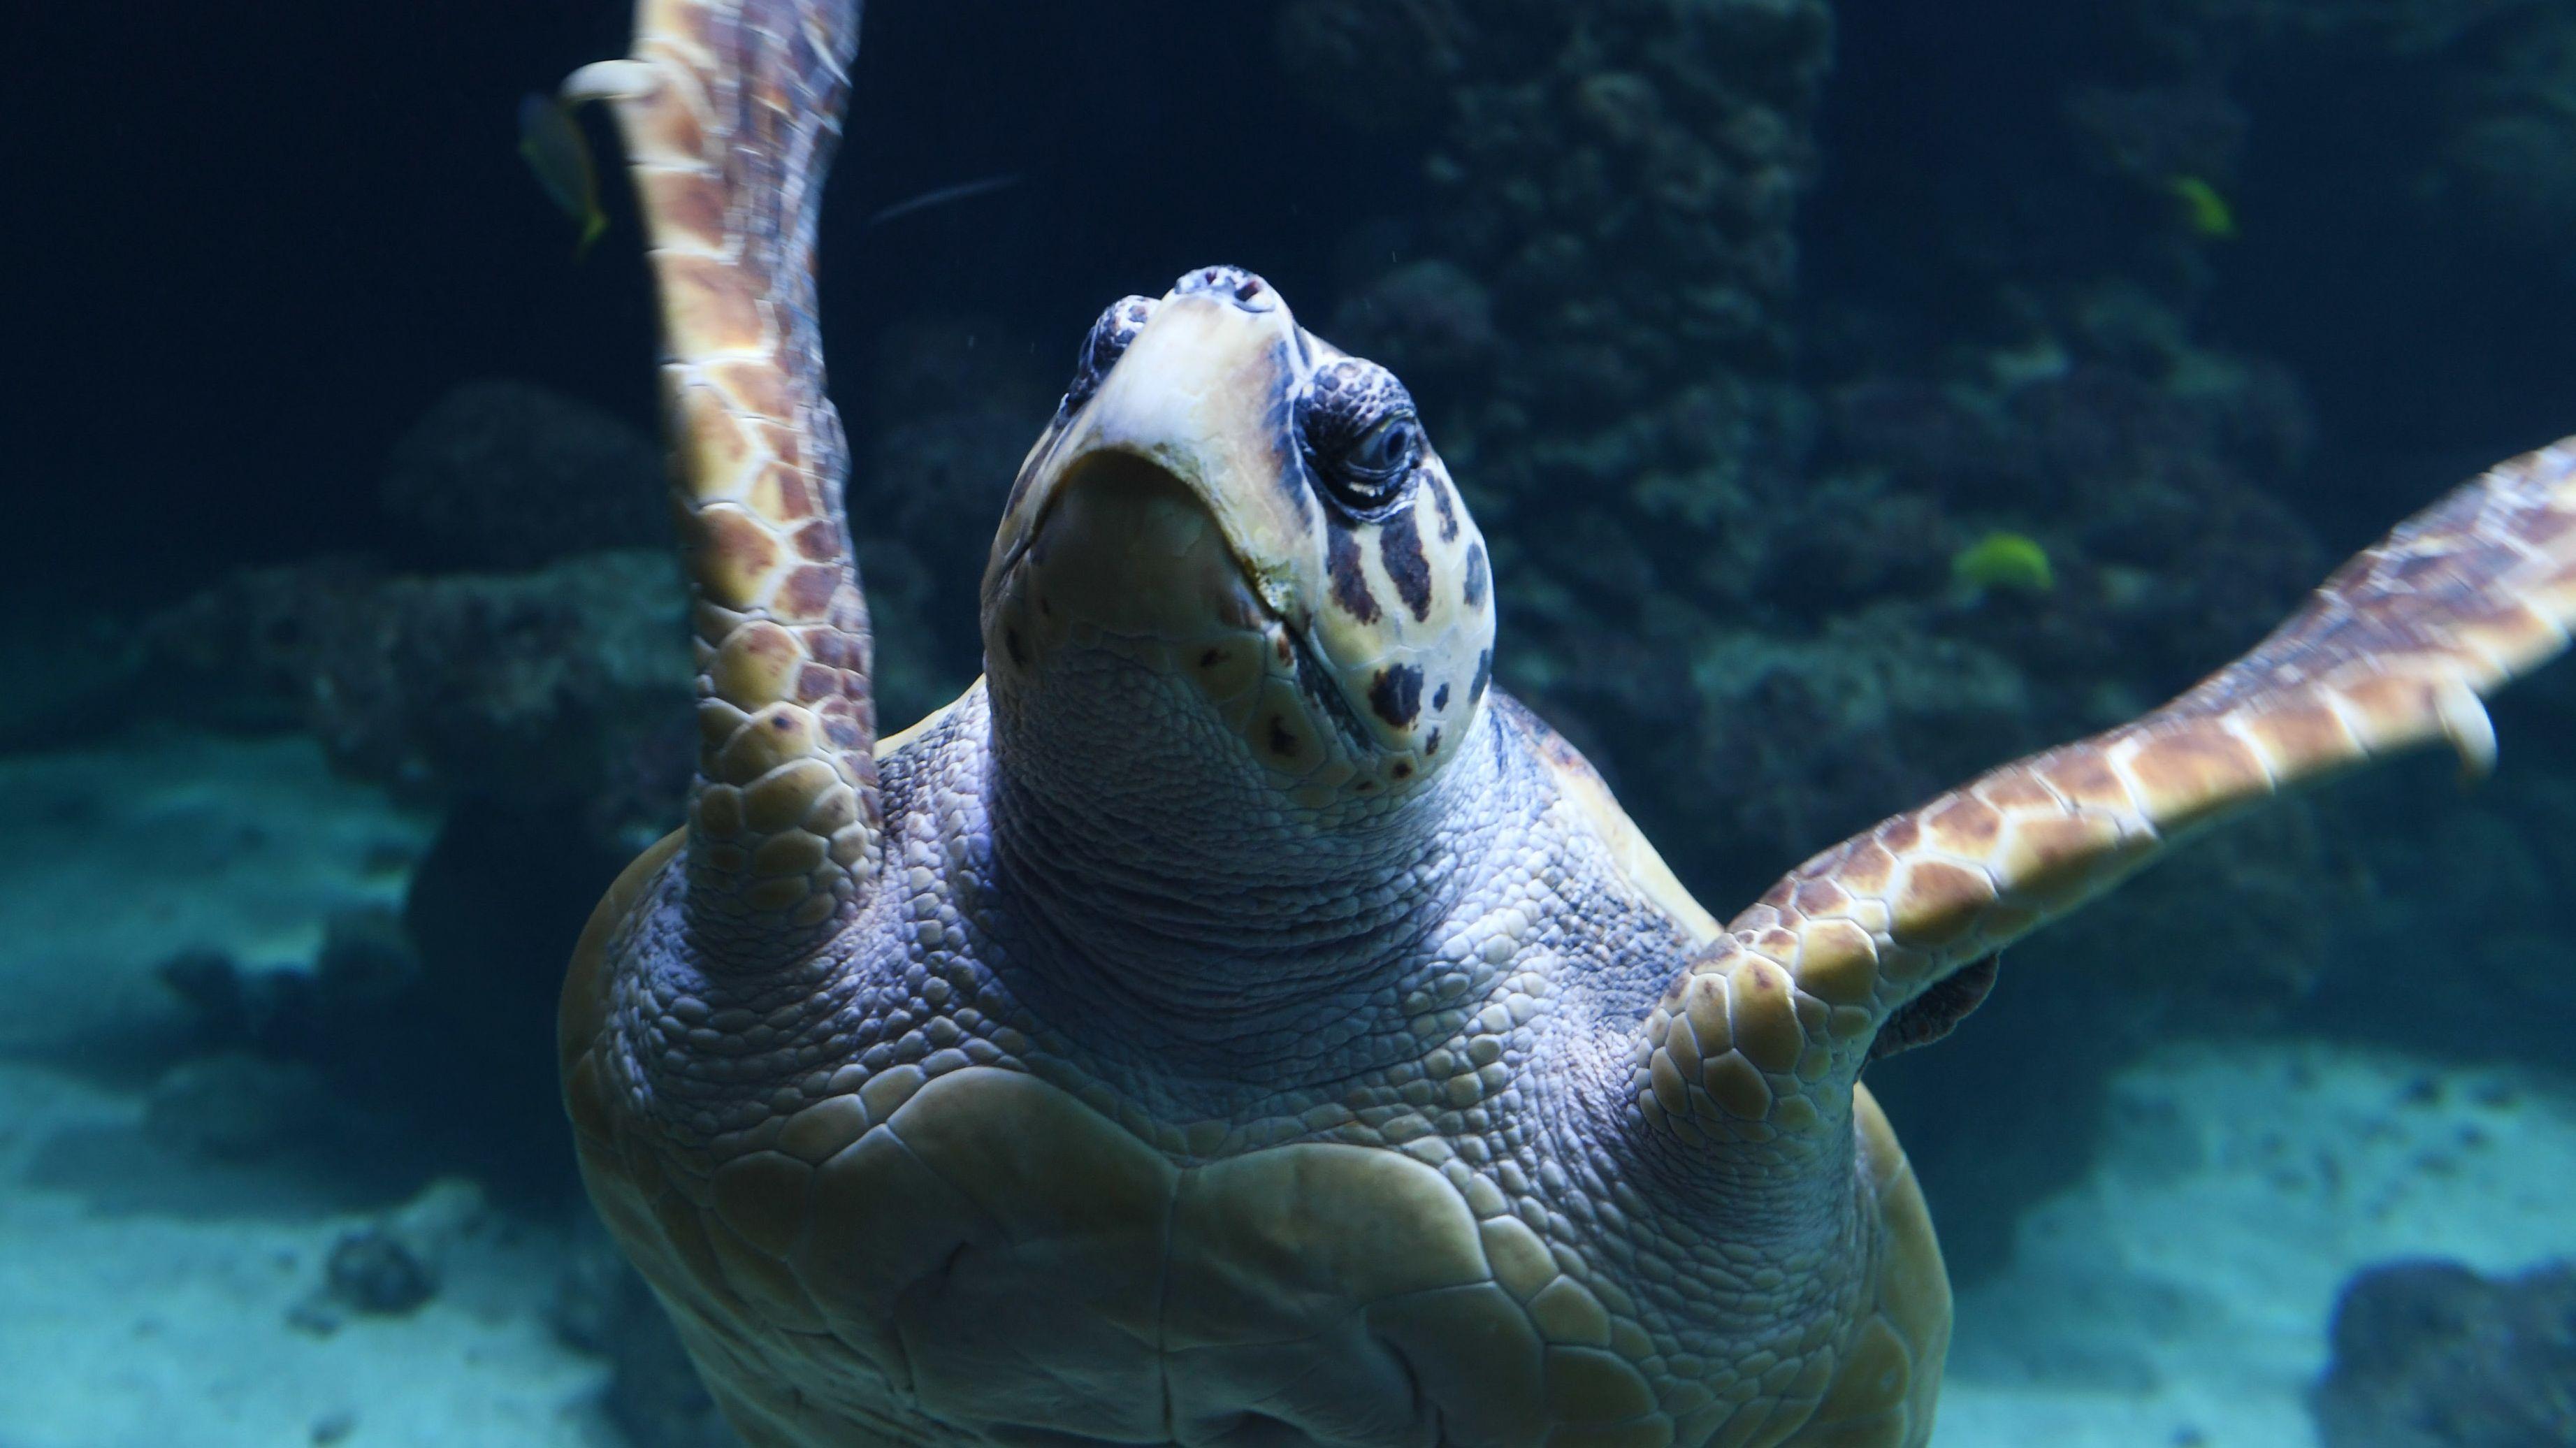 Eine Unechte Karettschildkröte schwimmt im Wasser.